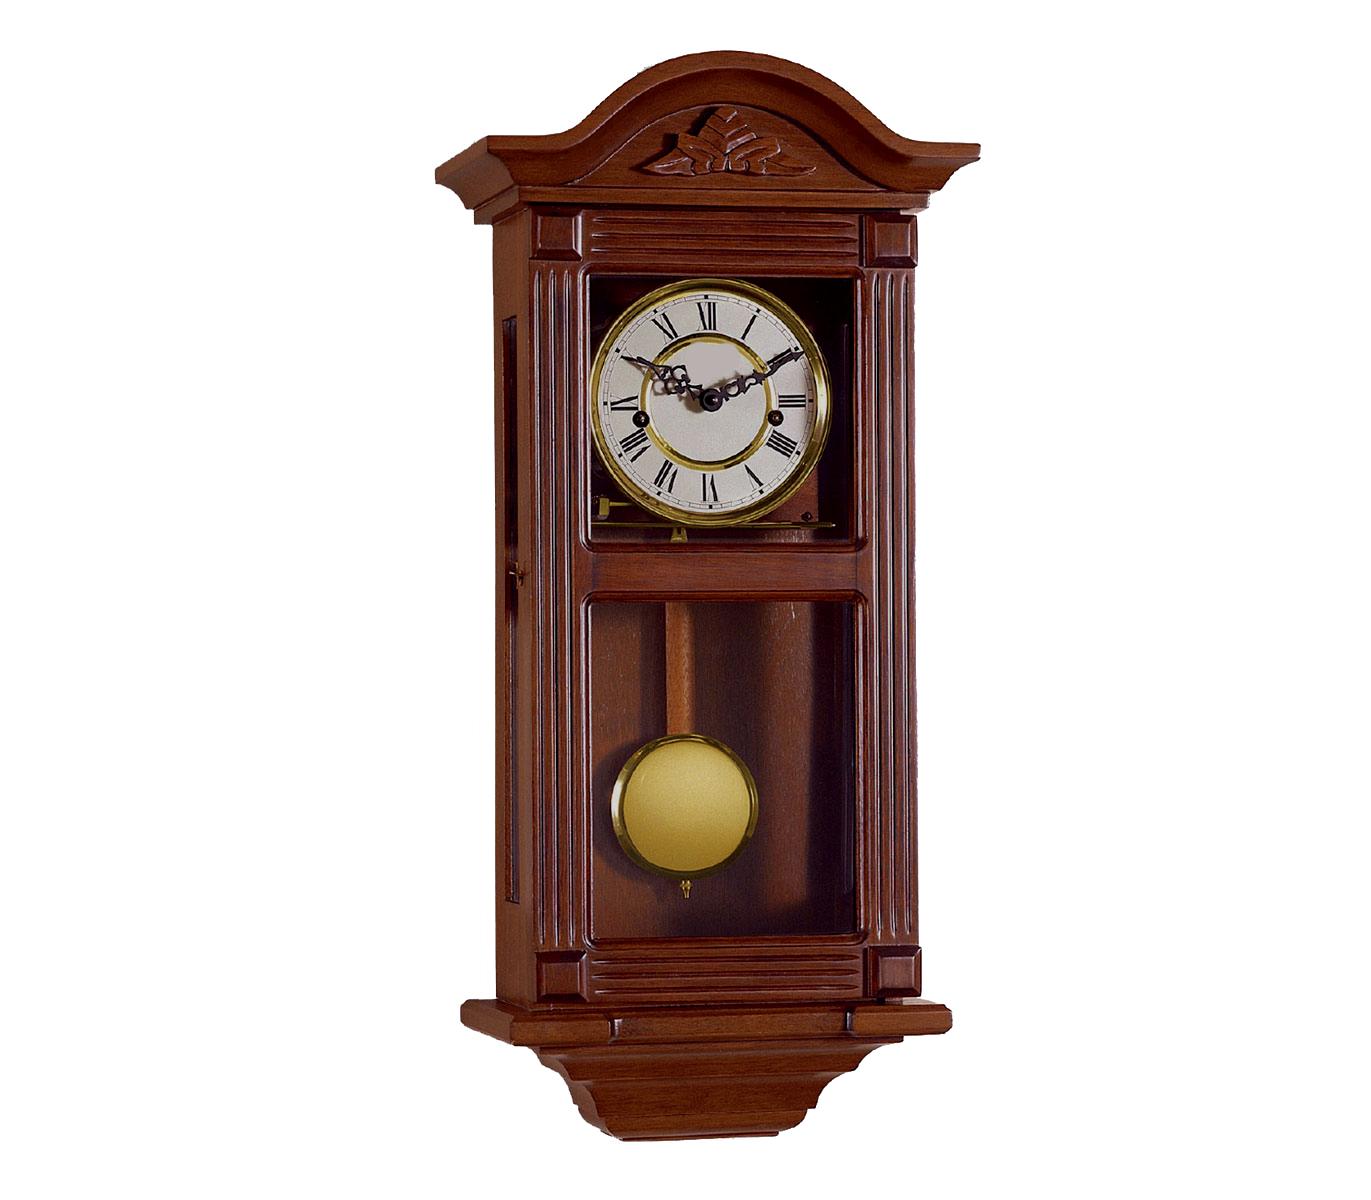 Reloj de pendulo de pared mec nico 66 cm alta calidad - Relojes de pared ...